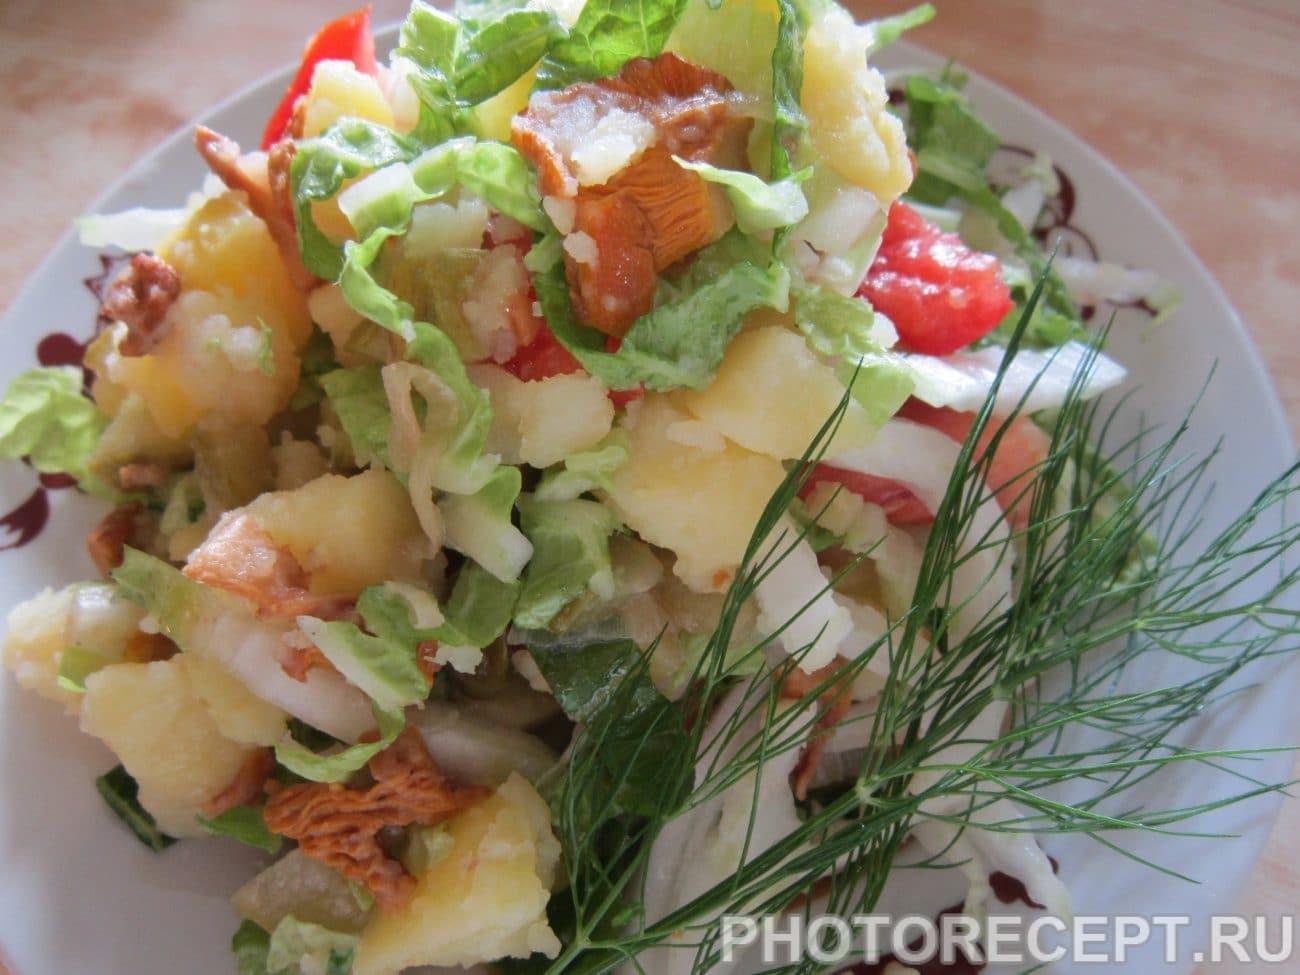 Салат с лисичками и курицей рецепт пошагово